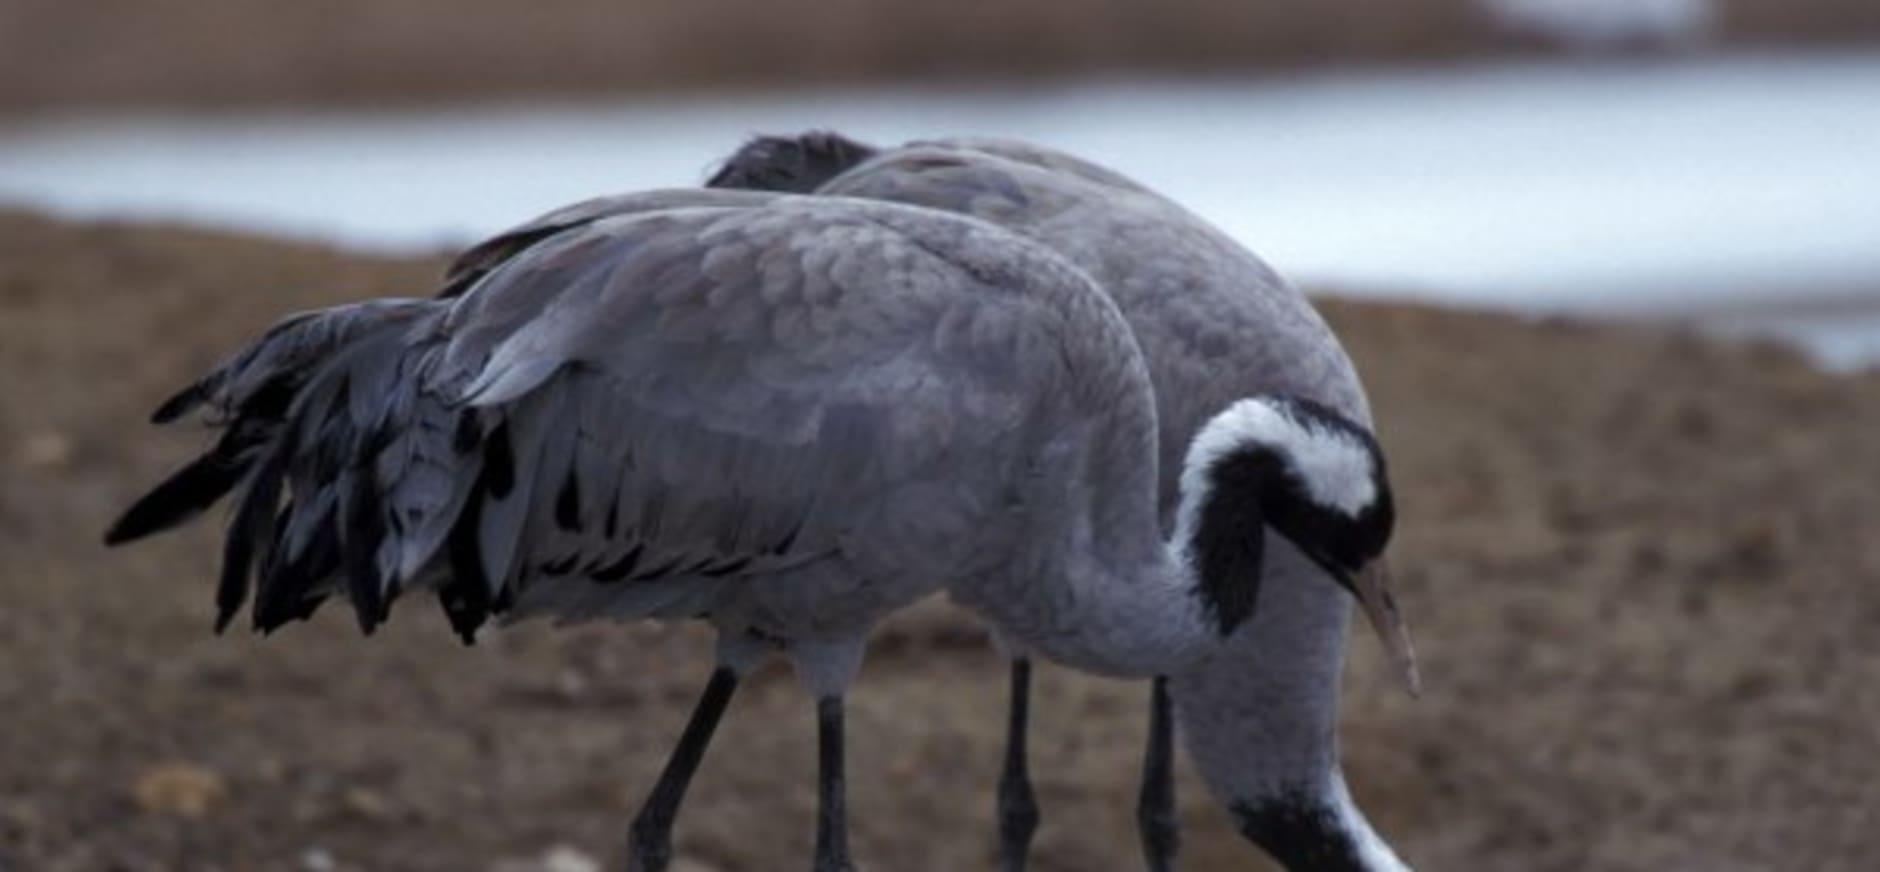 Koppeltje kraanvogels: excursies verplaatst naar Wooldse Veen